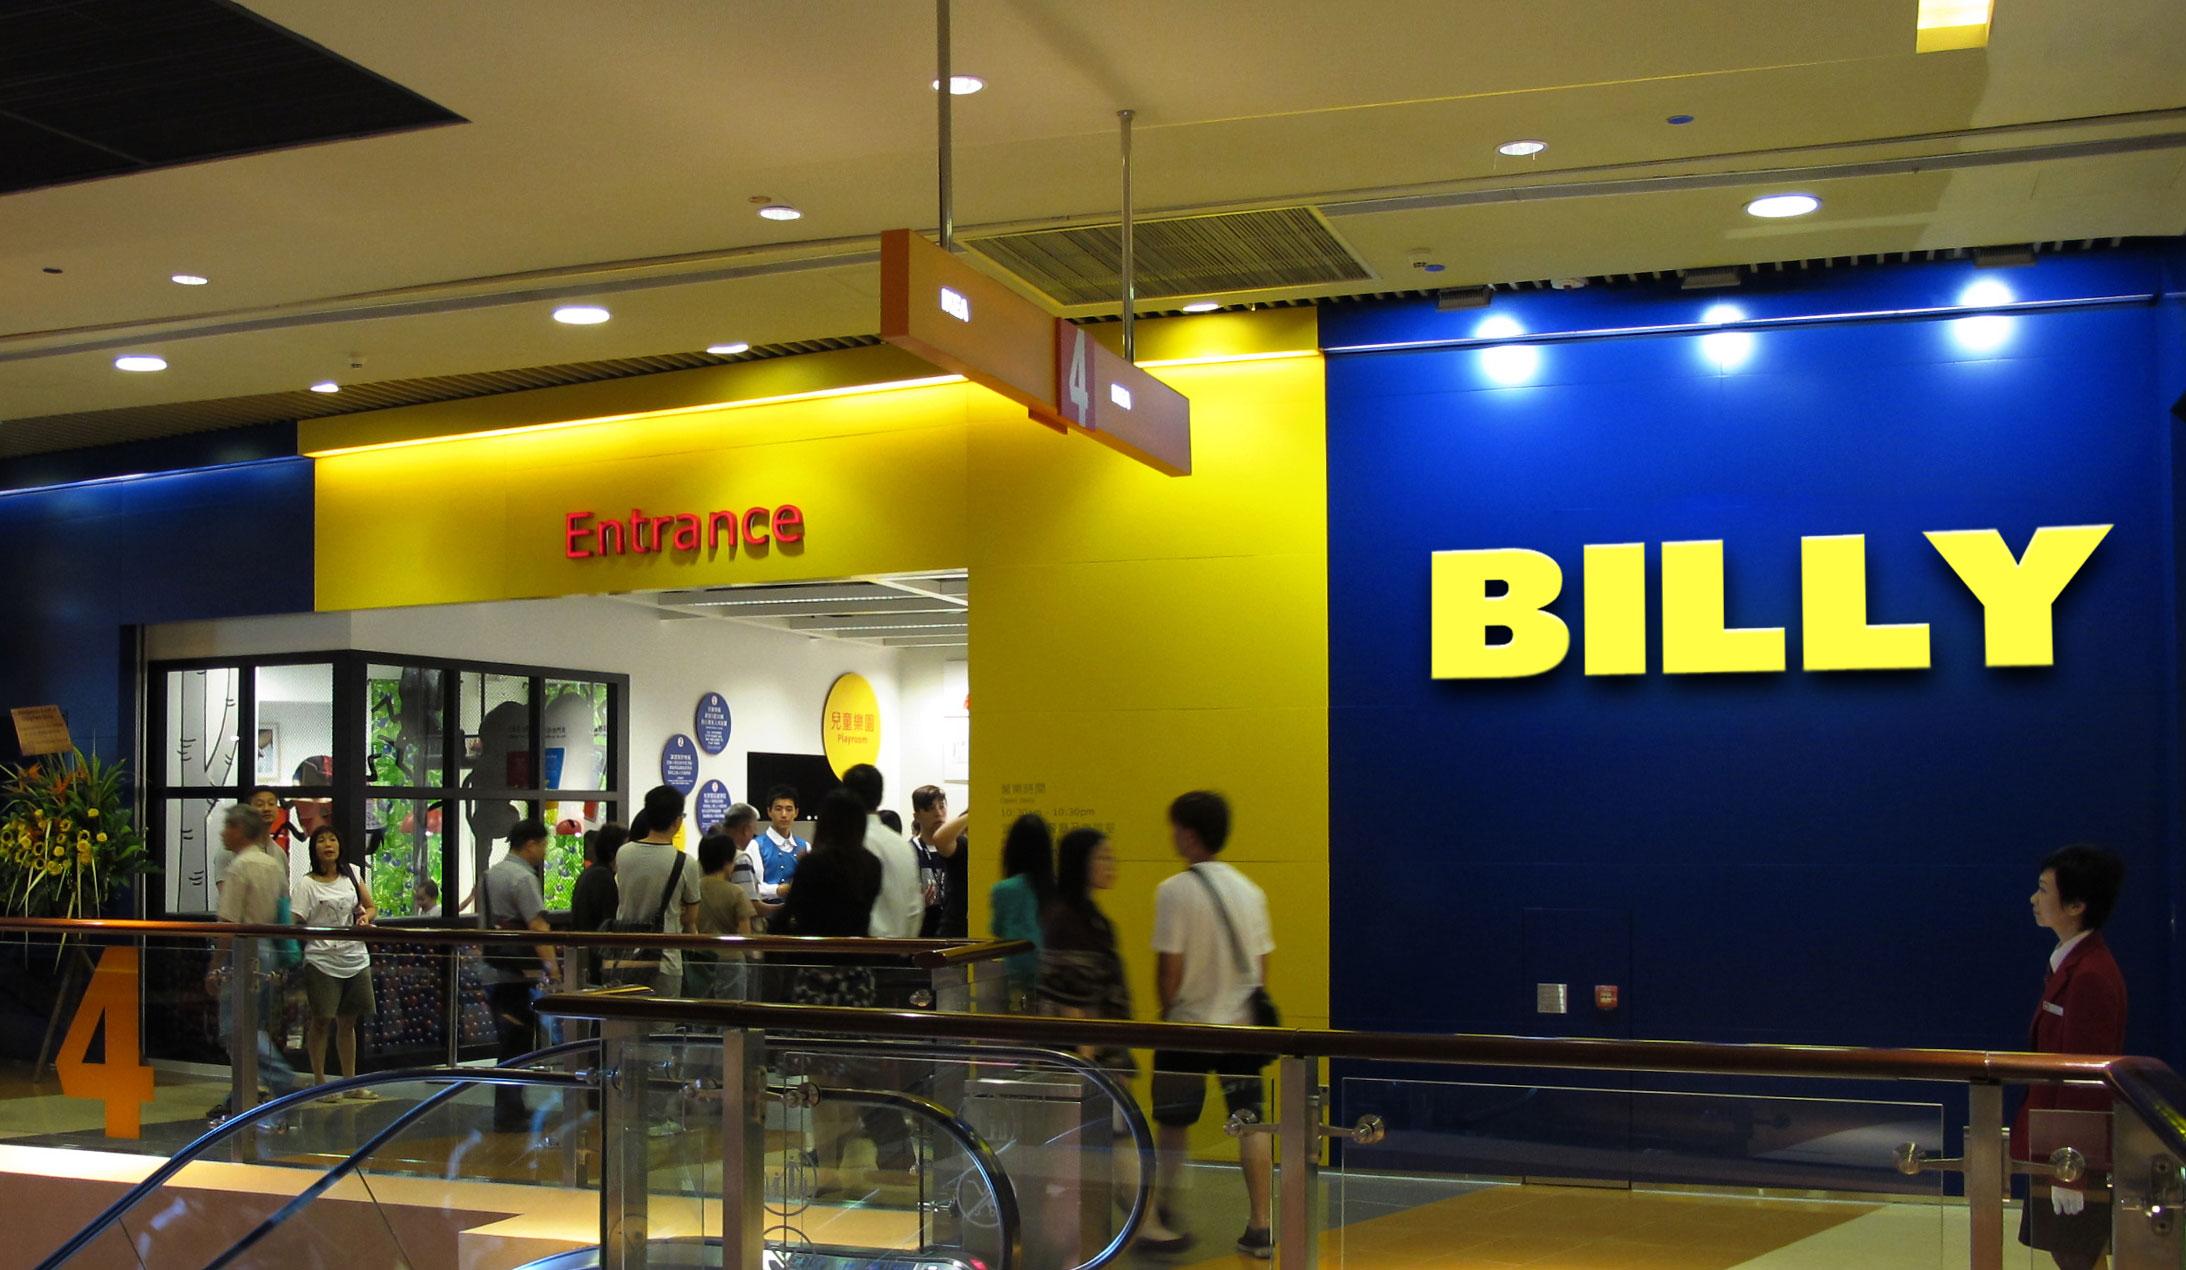 Ikea Puertas Estanteria Billy.La Estanteria Billy Deja Ikea Y Monta Su Propio Negocio El Mundo Today